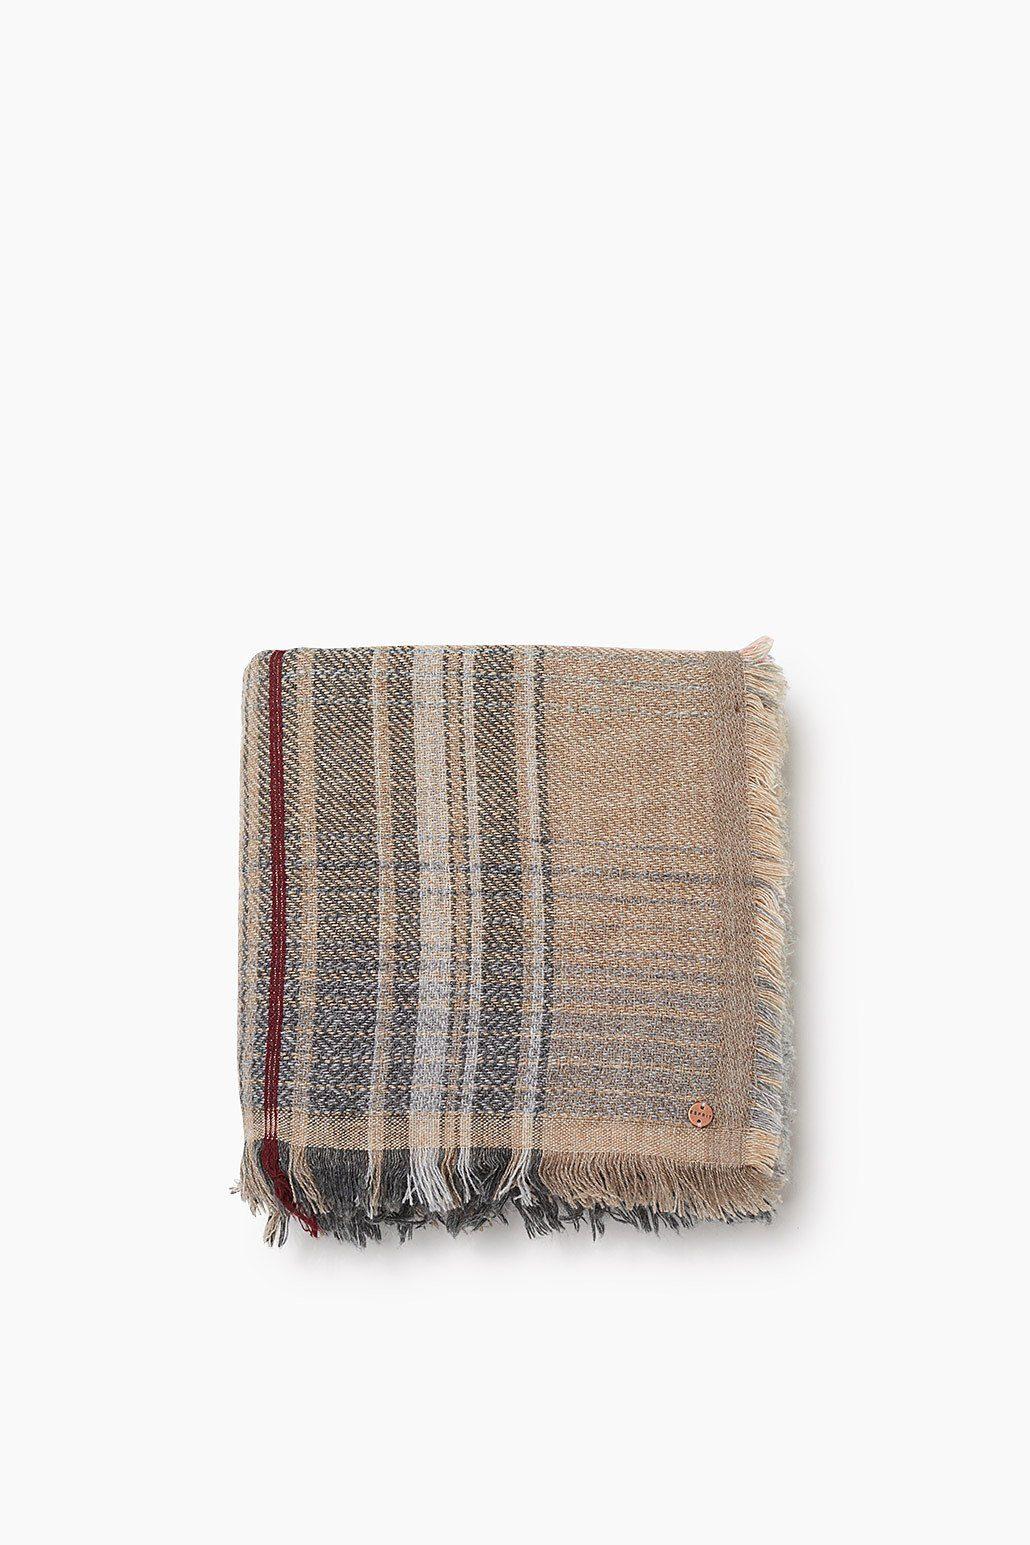 ESPRIT CASUAL Großes Karotuch aus weichem Woll-Mix